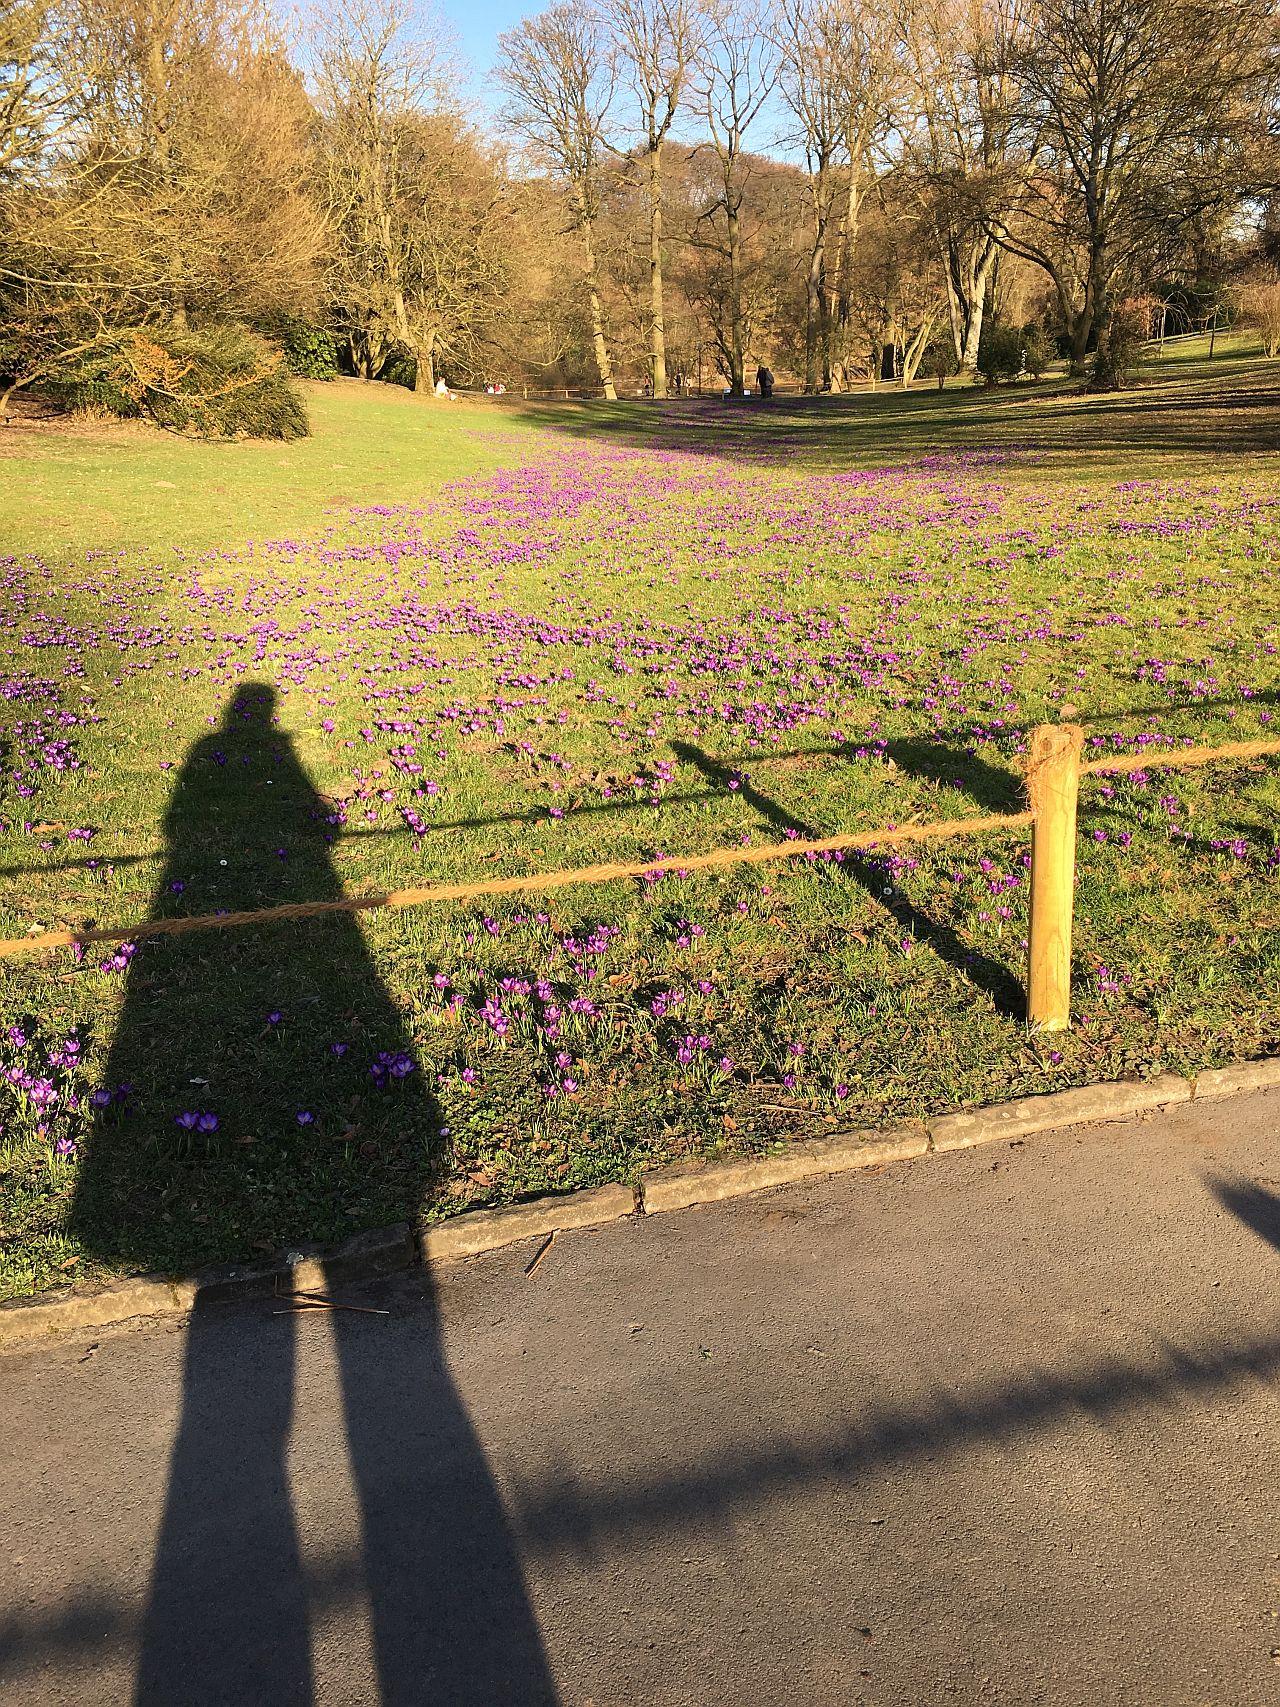 Krokuswiese und Mensch im Schatten